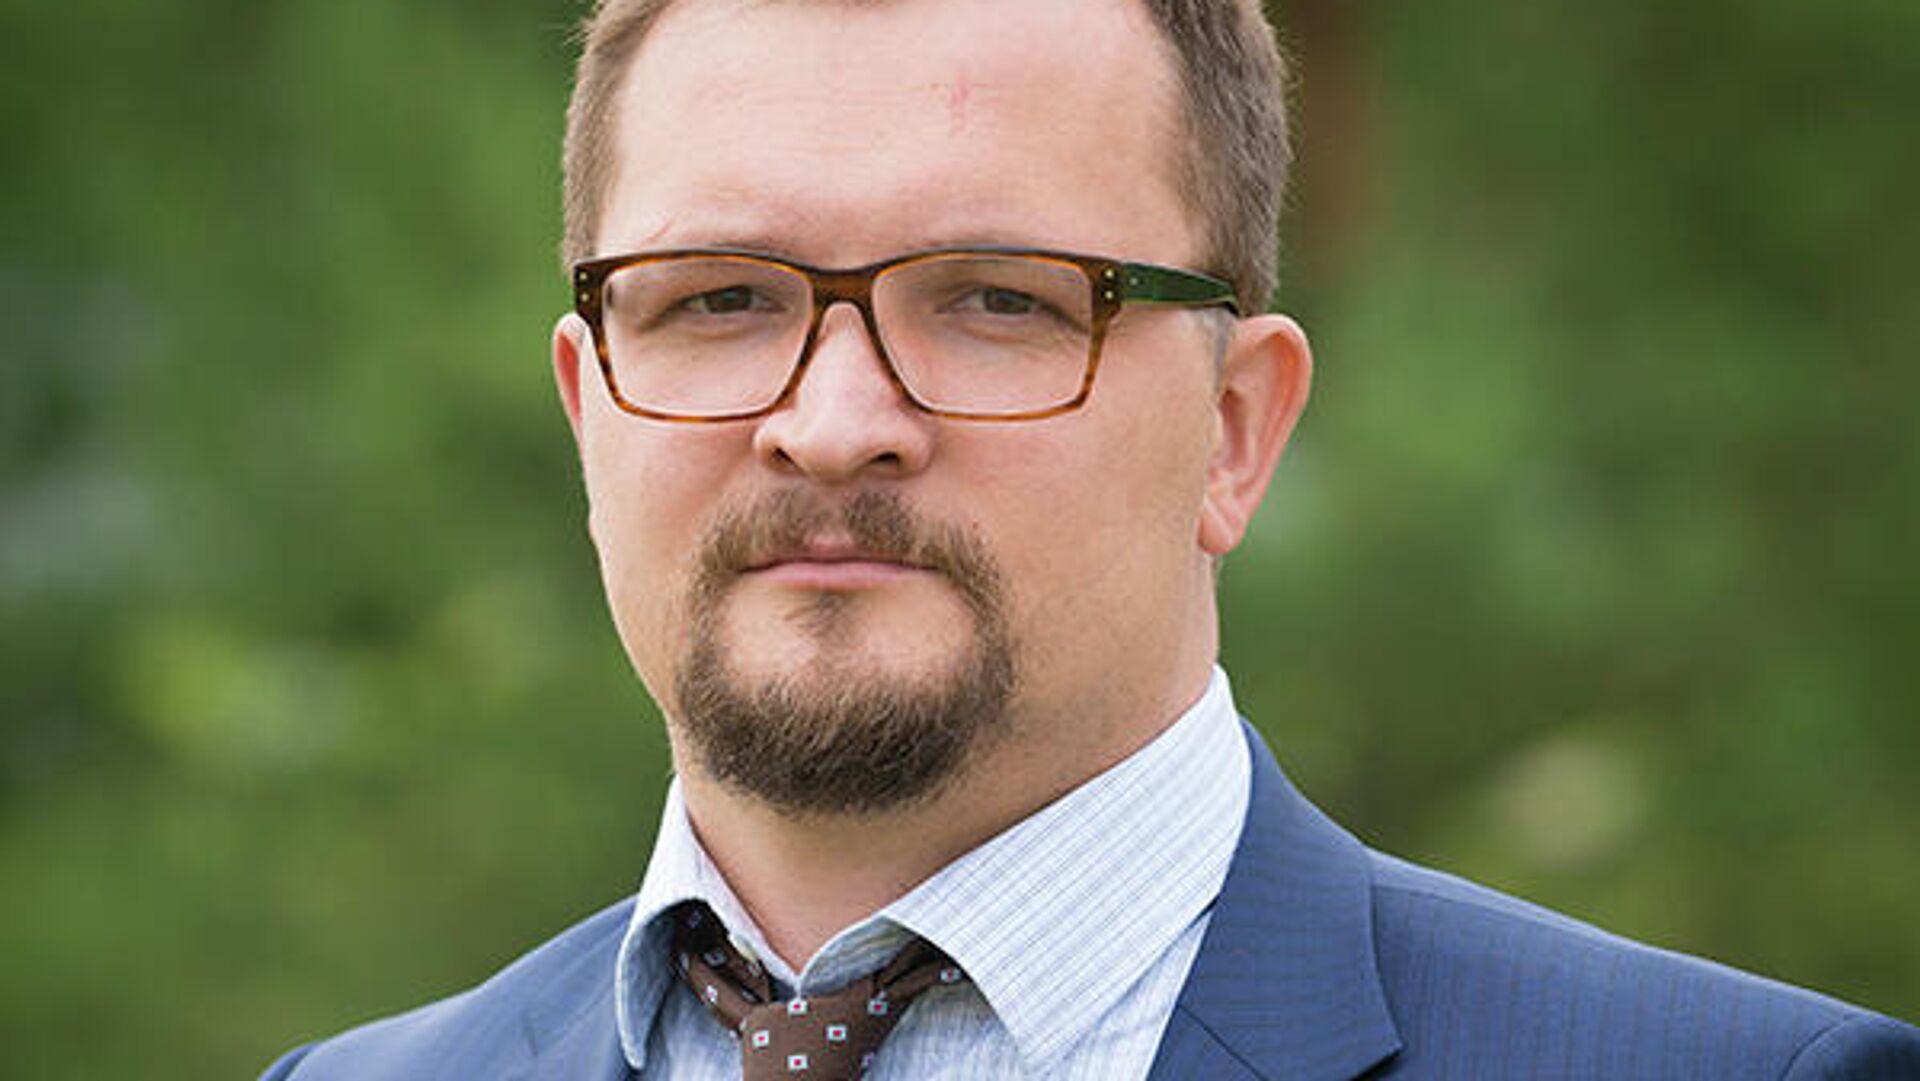 Генеральный директор акционерного общества Организация Агат  Никита Казинский - РИА Новости, 1920, 09.02.2021